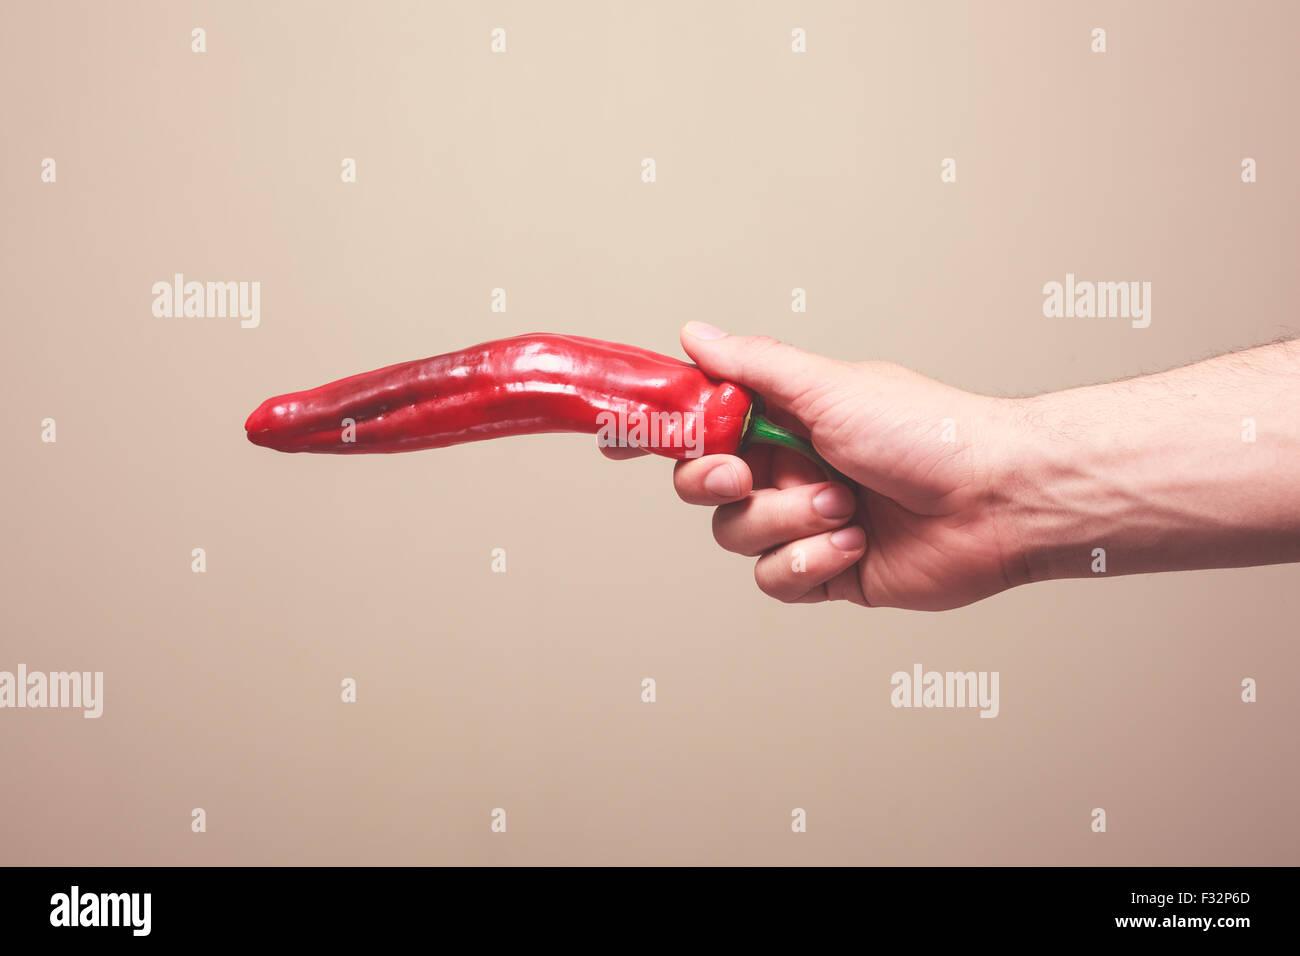 La main d'un homme tient un poivron rouge comme une arme Photo Stock